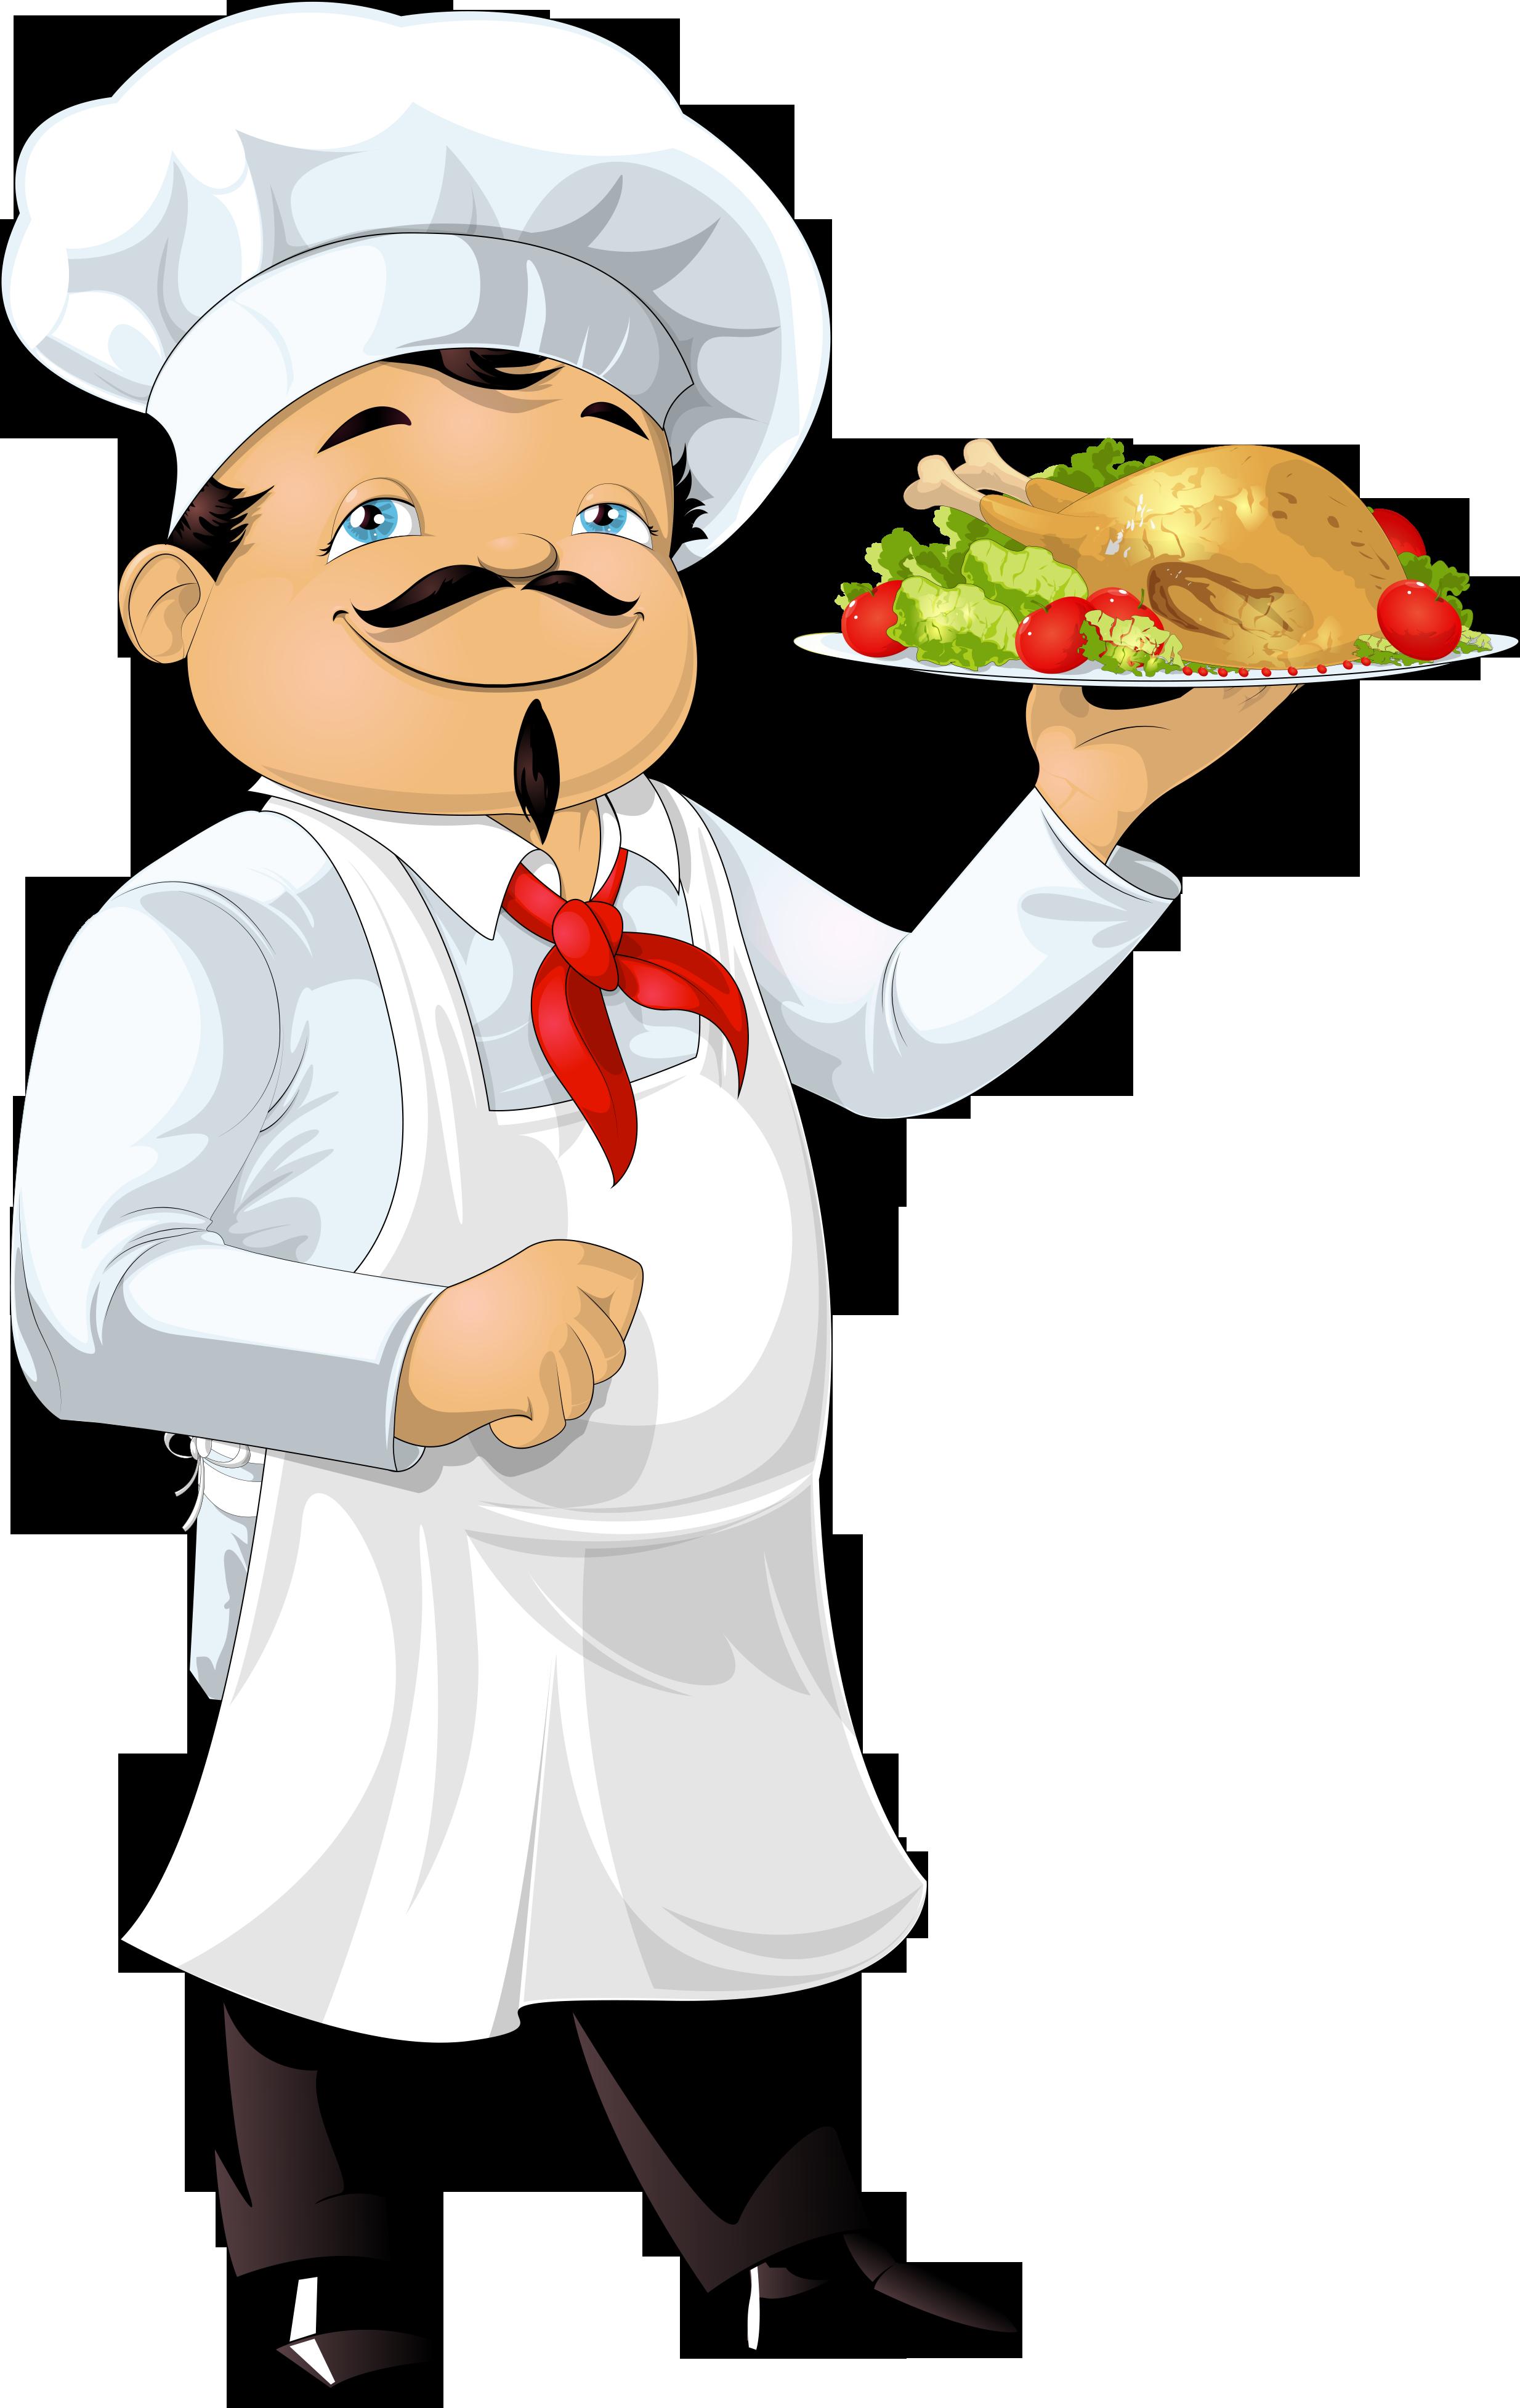 картинка поваренка с шаурмой для рекламы дело